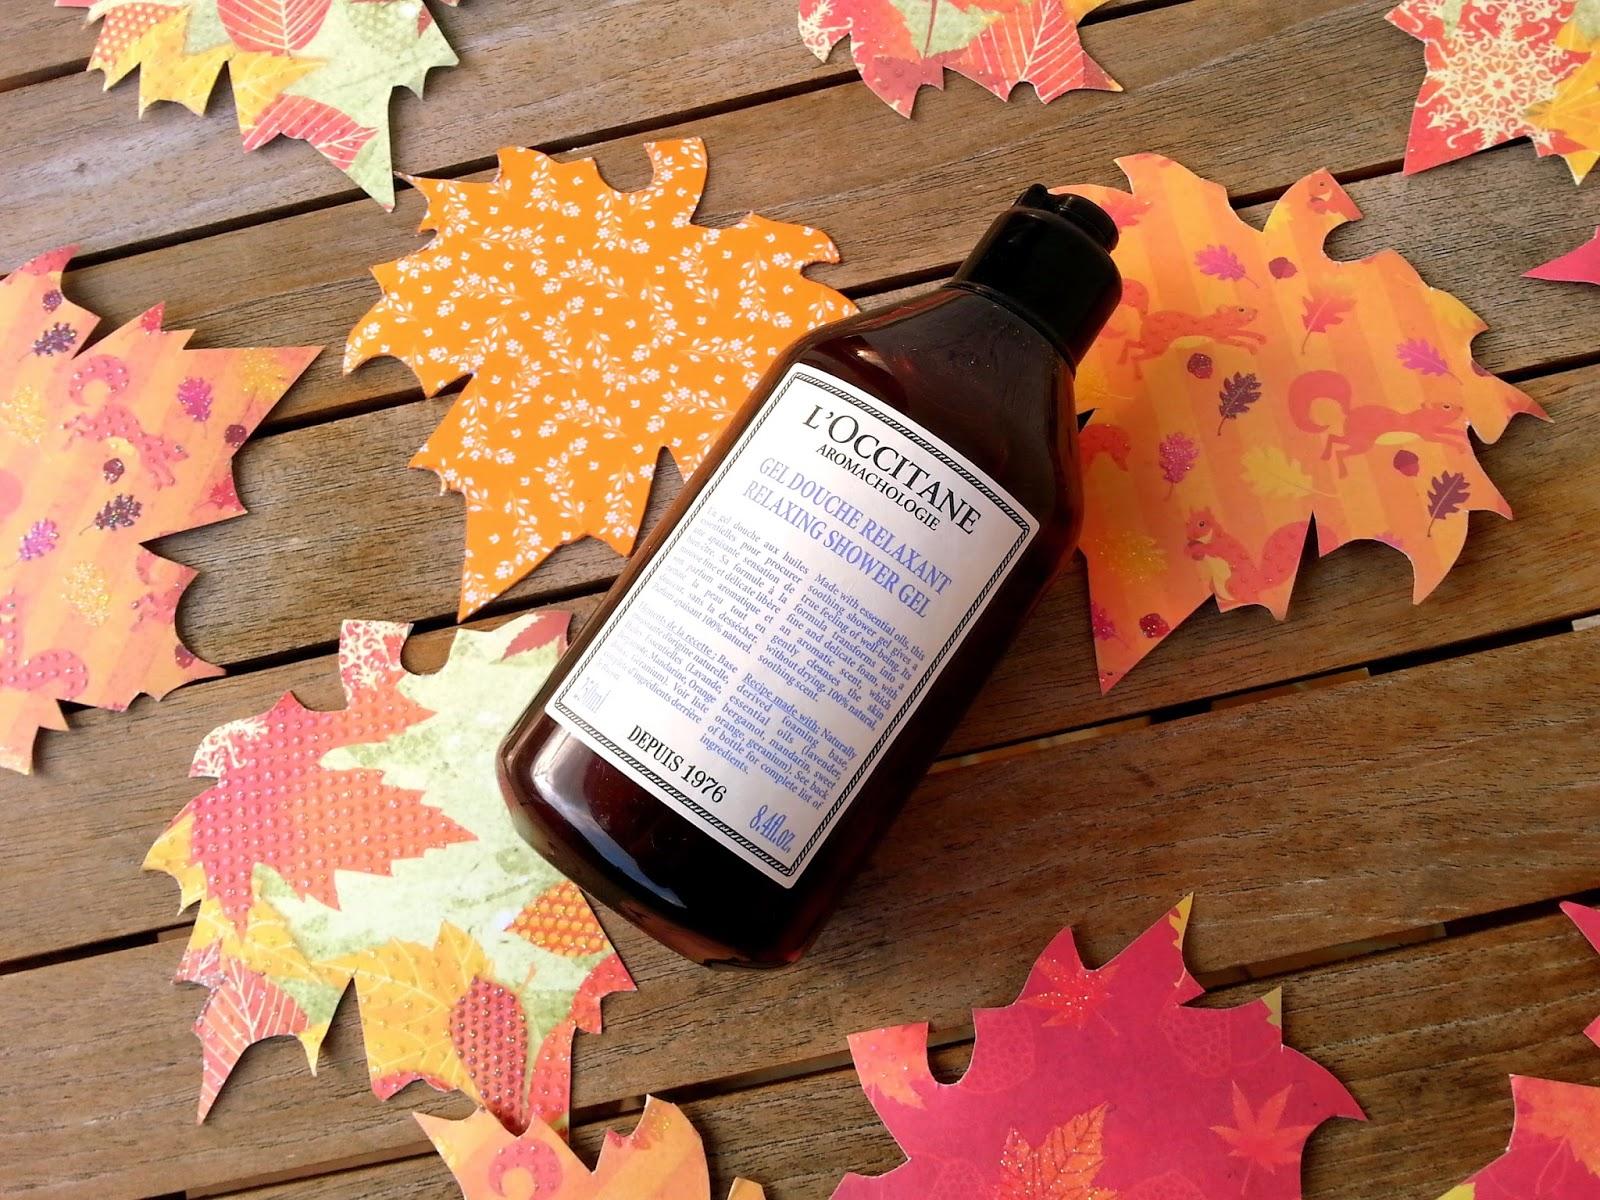 �ล�าร���หารู��า�สำหรั� l'occitane aromachologie relaxing shower gel